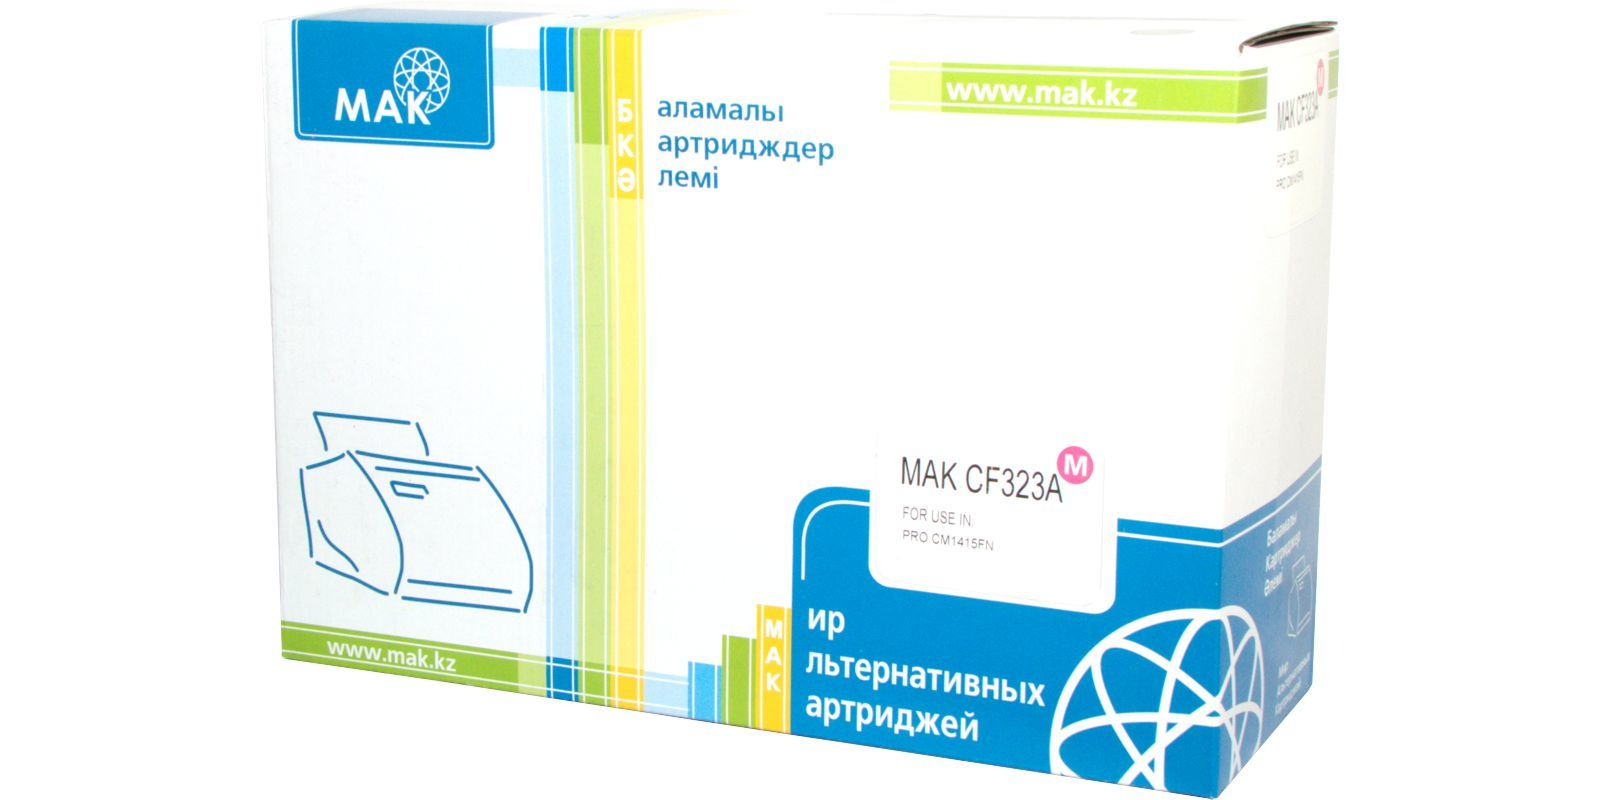 Картридж лазерный цветной MAK© 653A CF323A пурпурный (magenta), до 16500 стр.